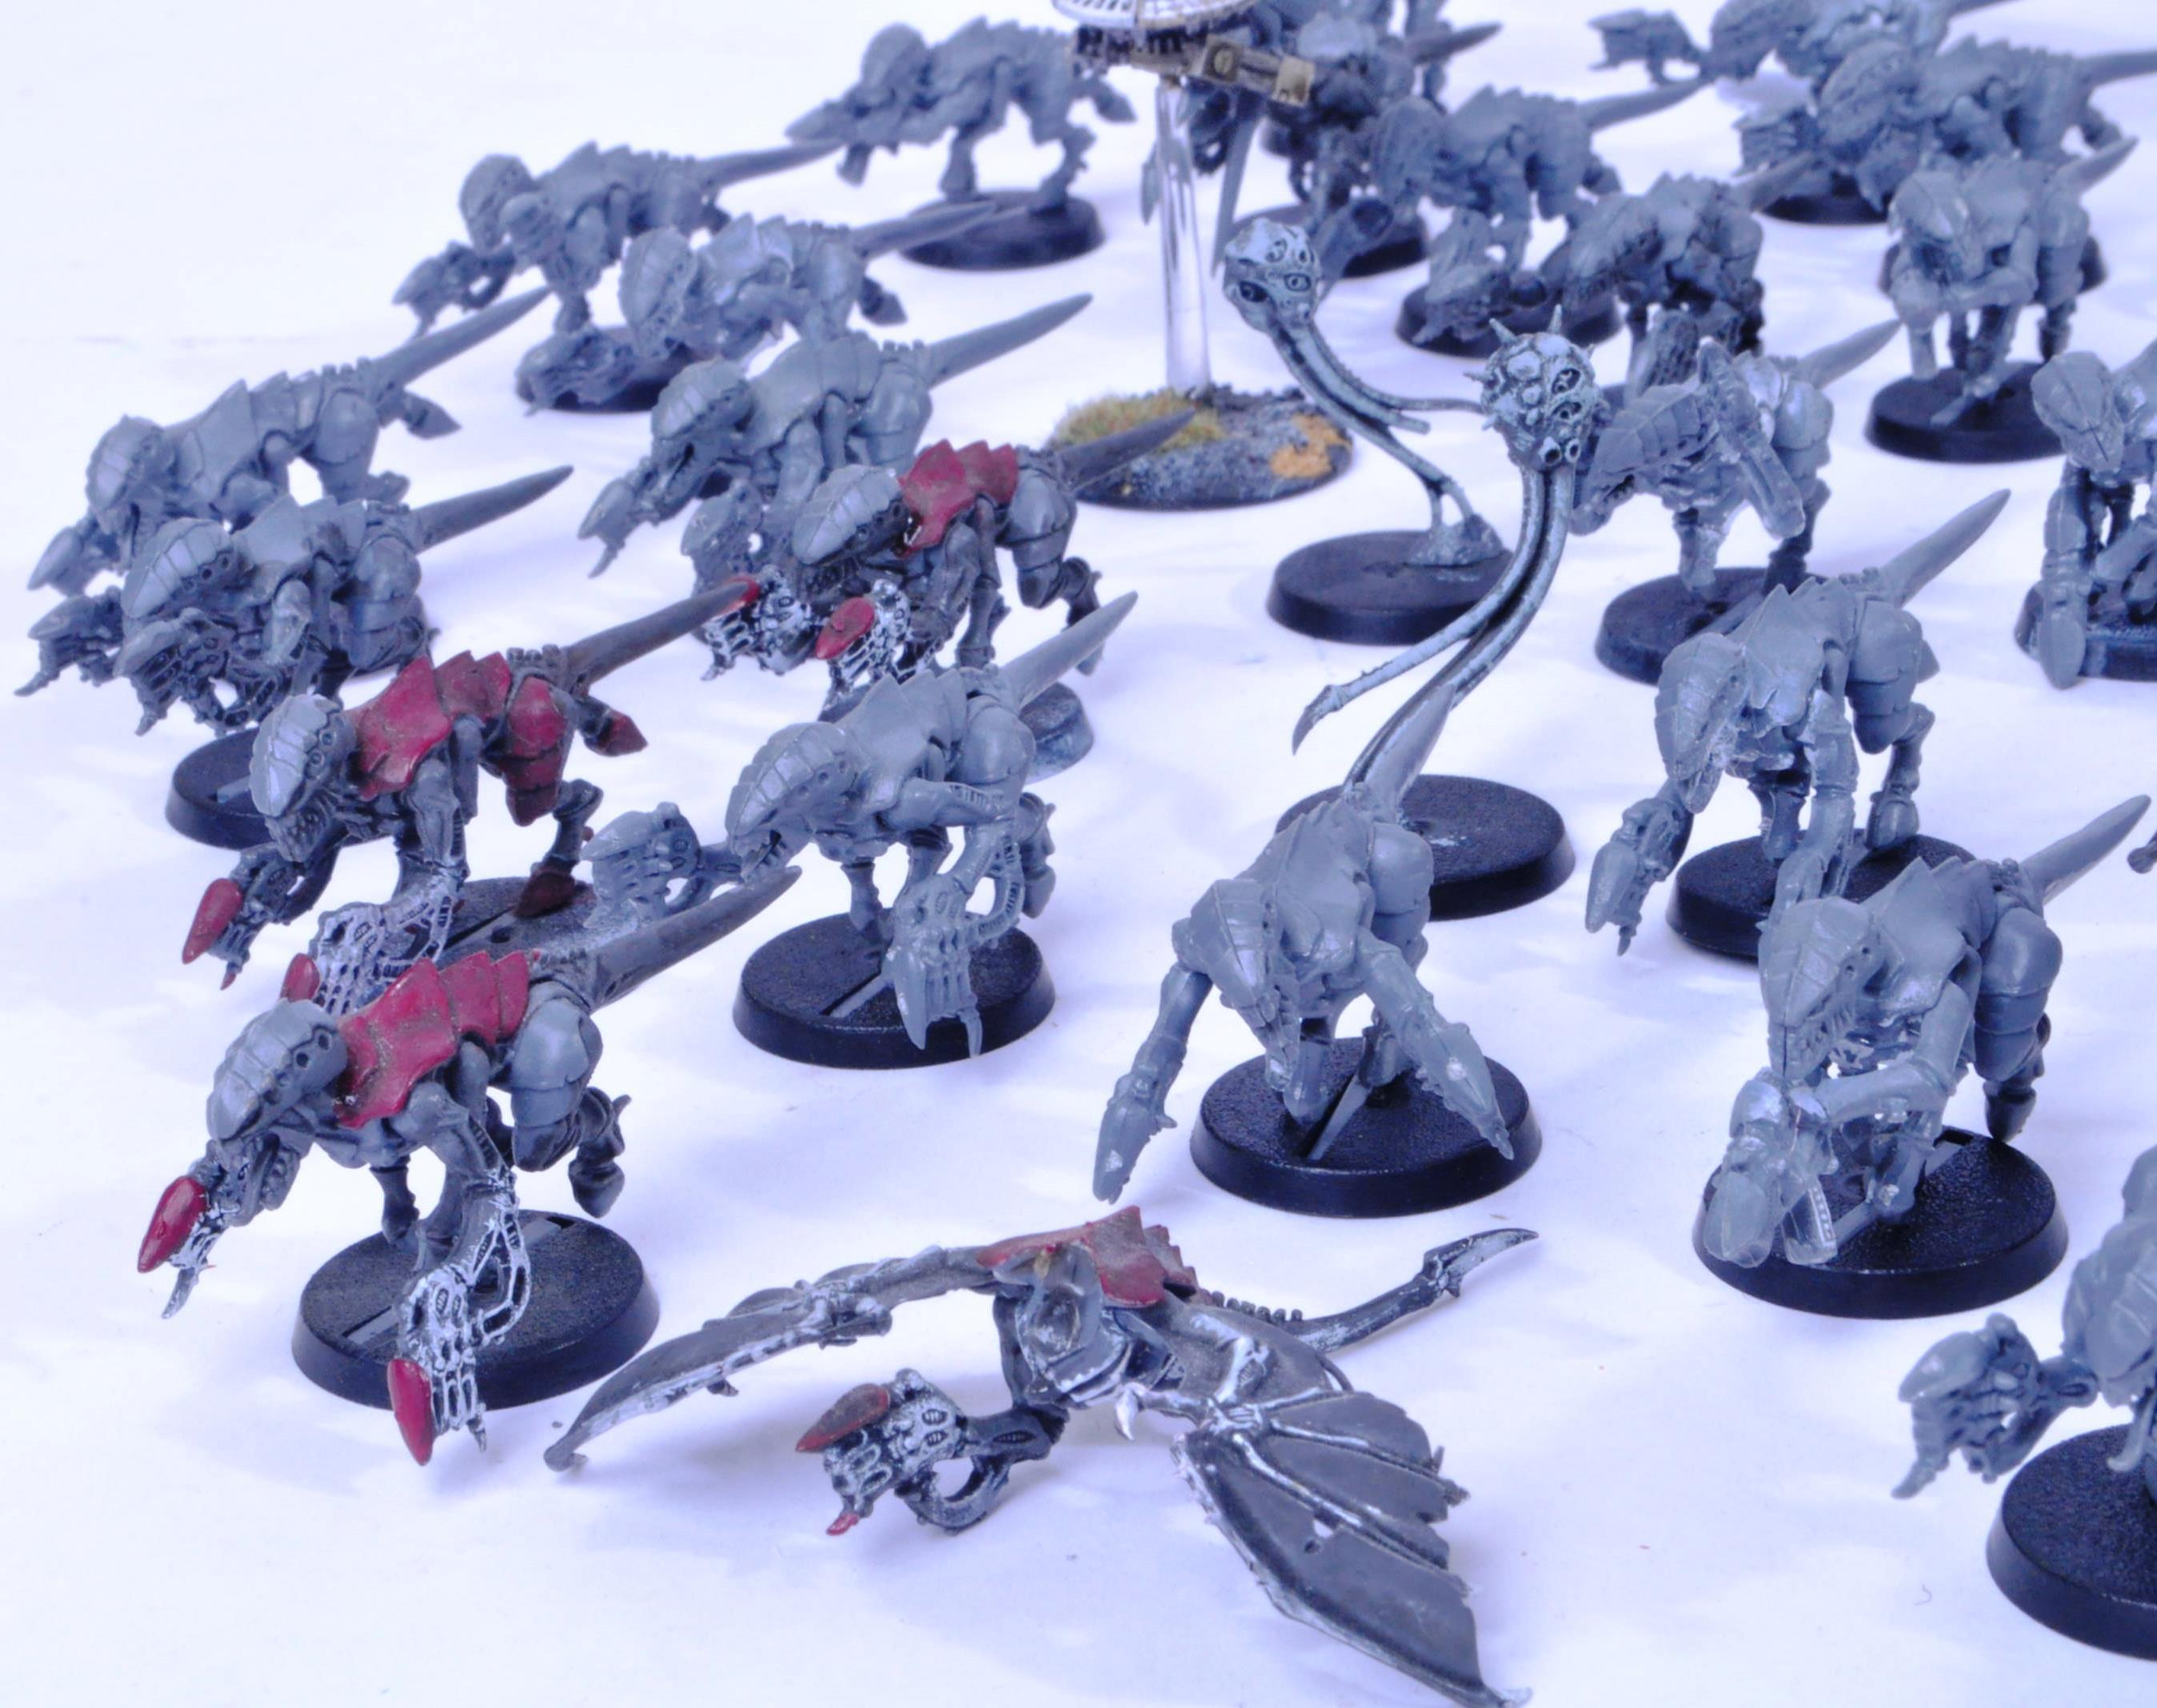 LARGE WARHAMMER 40K TYRANID ARMY - Image 7 of 12